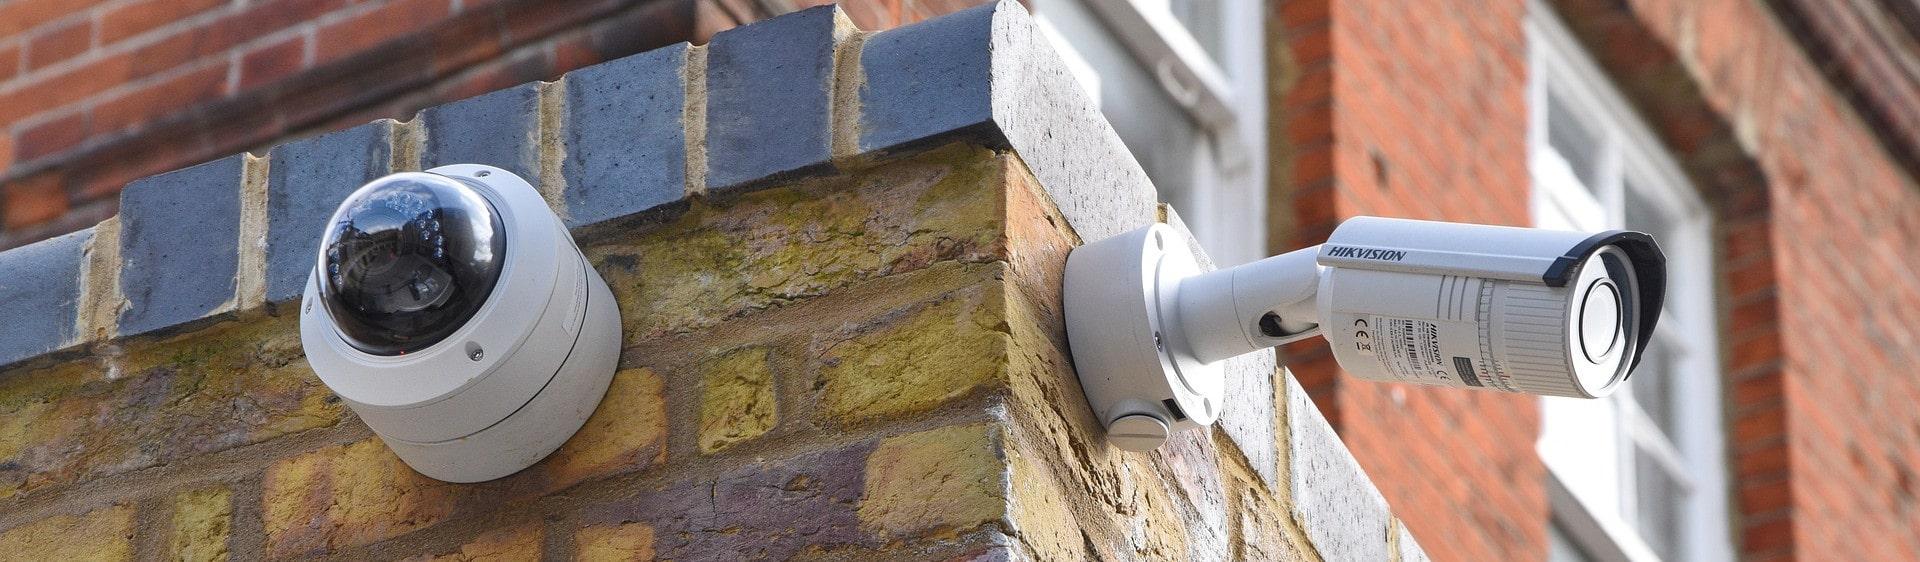 Télésurveillance : LF SYSTEMS protège votre domicile